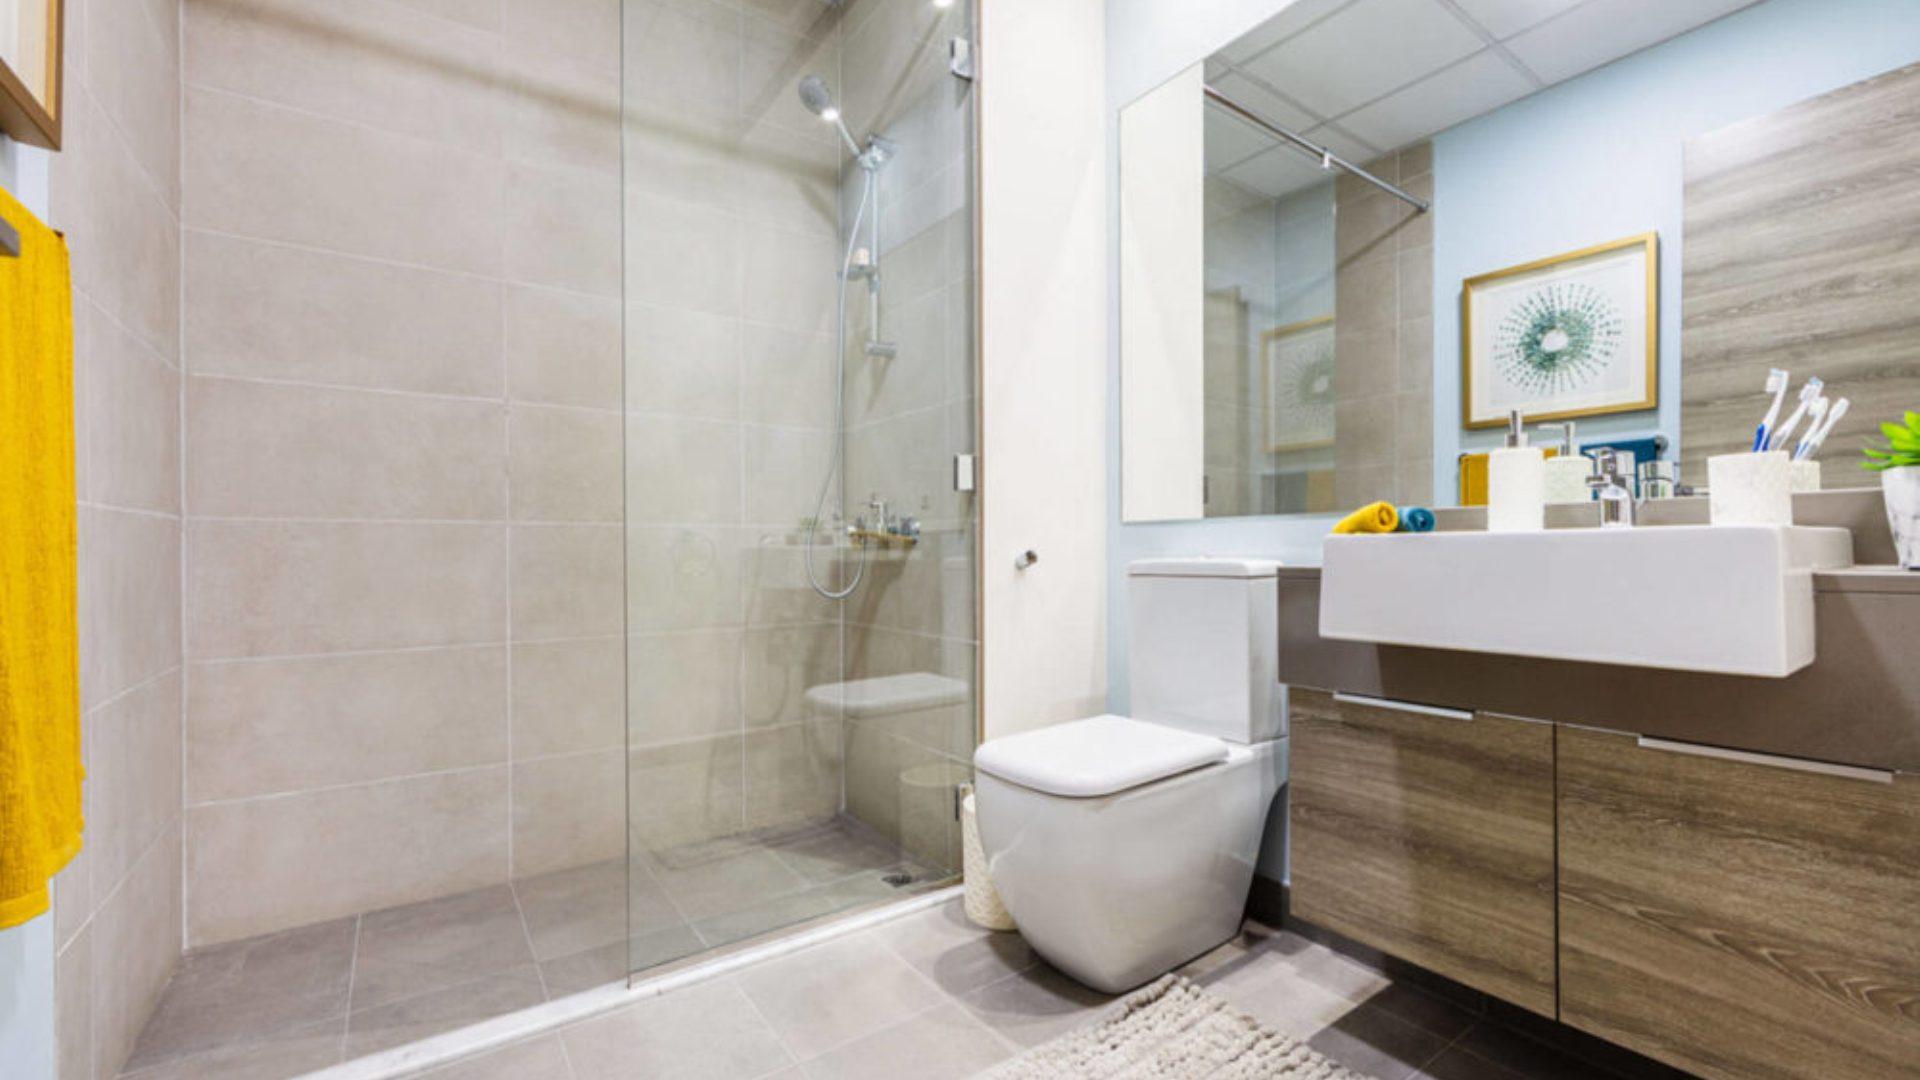 Apartamento en venta en Dubai, EAU, 3 dormitorios, 151 m2, № 24233 – foto 7